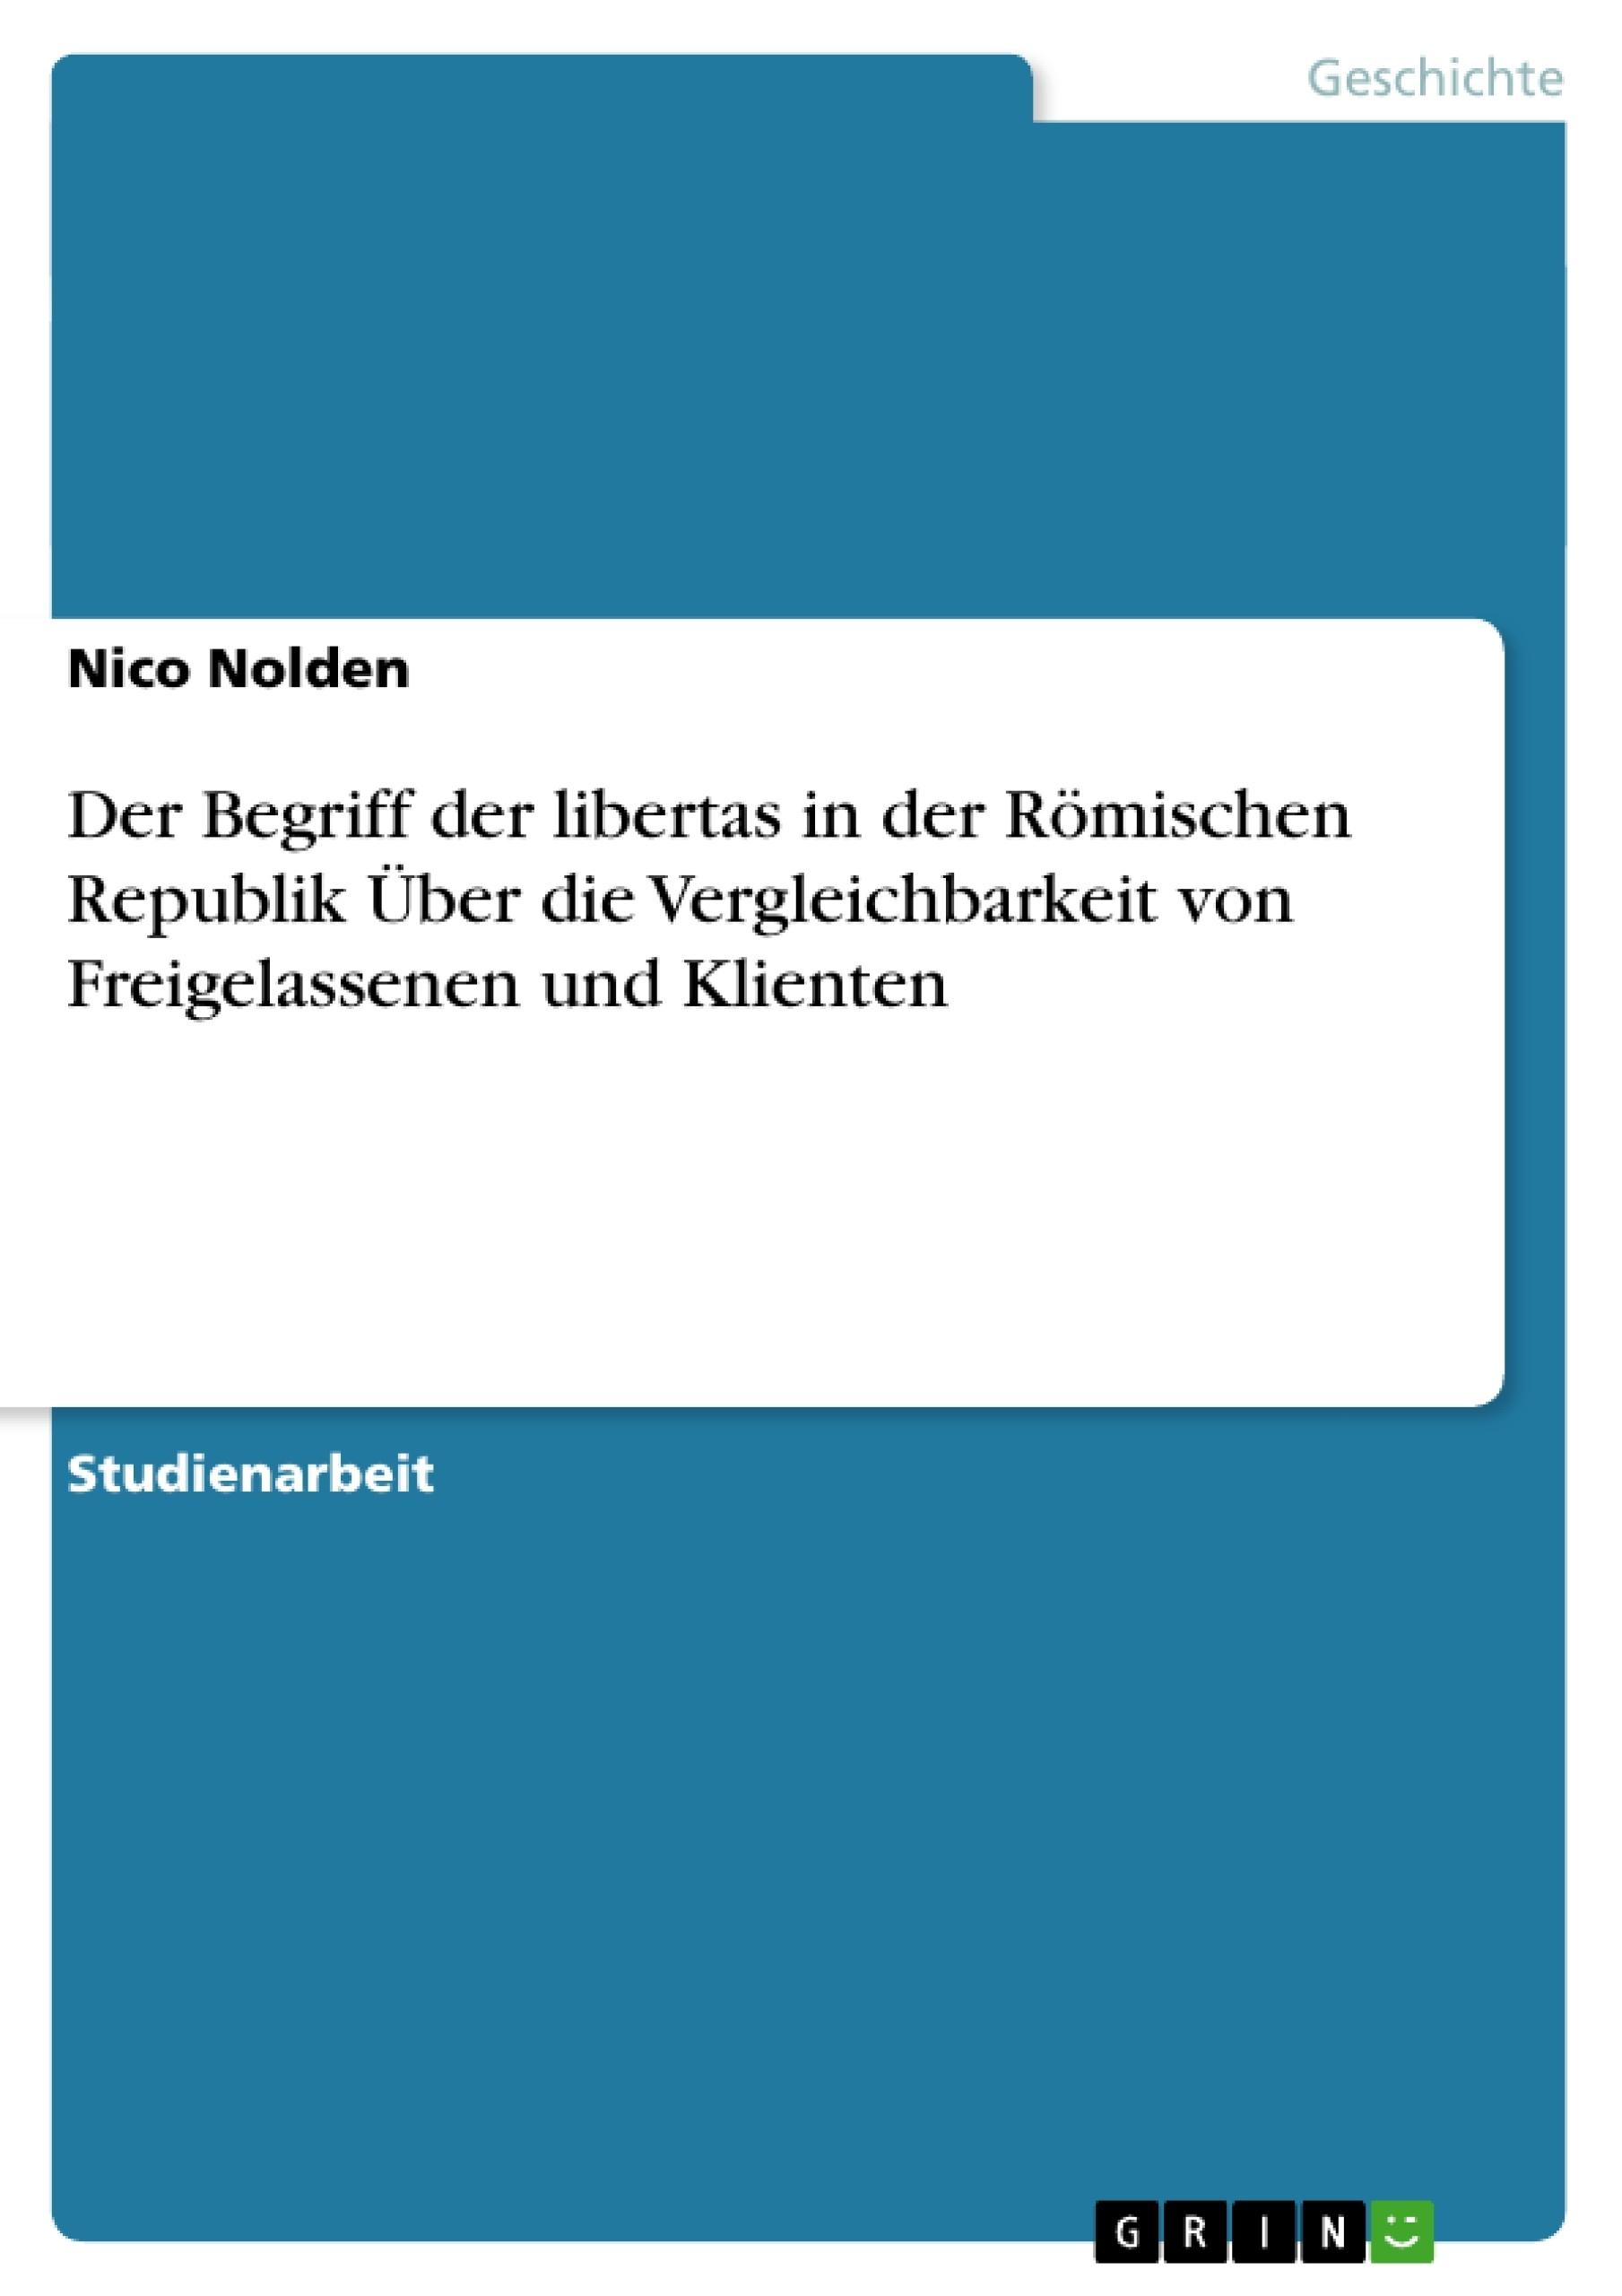 Titel: Der Begriff der libertas in der Römischen Republik Über die Vergleichbarkeit von Freigelassenen und Klienten